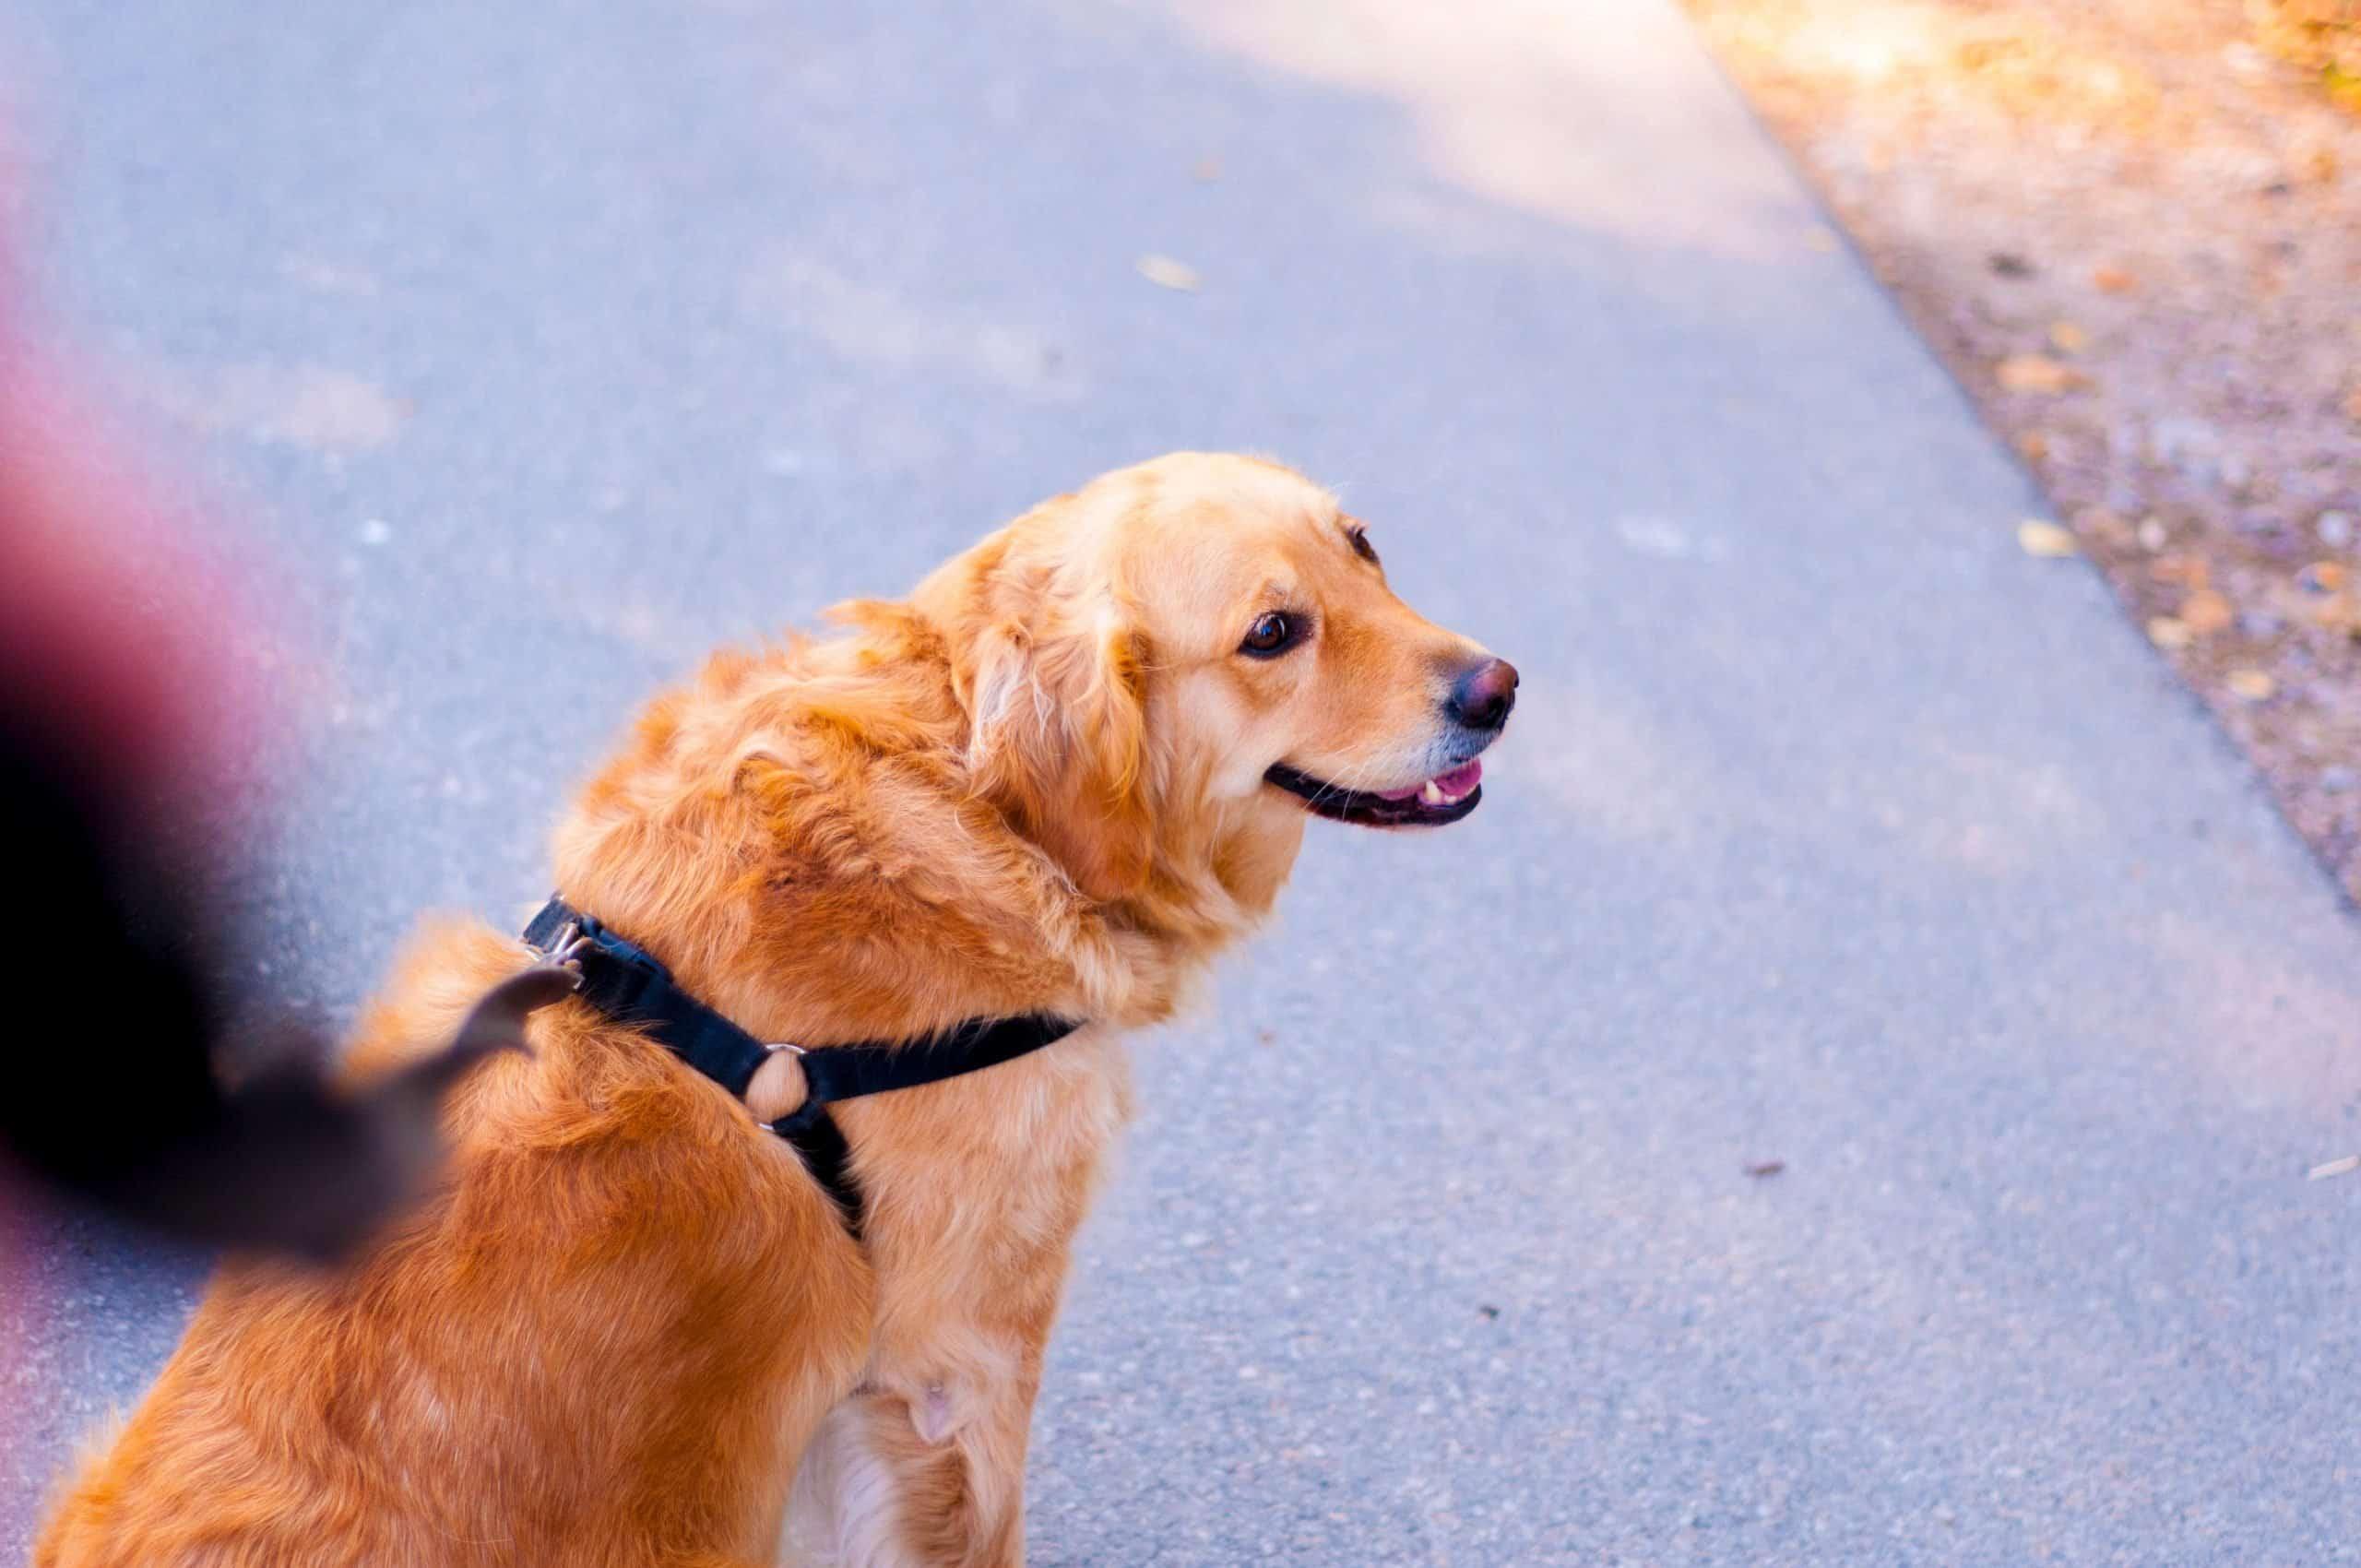 El Golden Retriever es disciplinado al enseñarle a caminar bien con una correa.